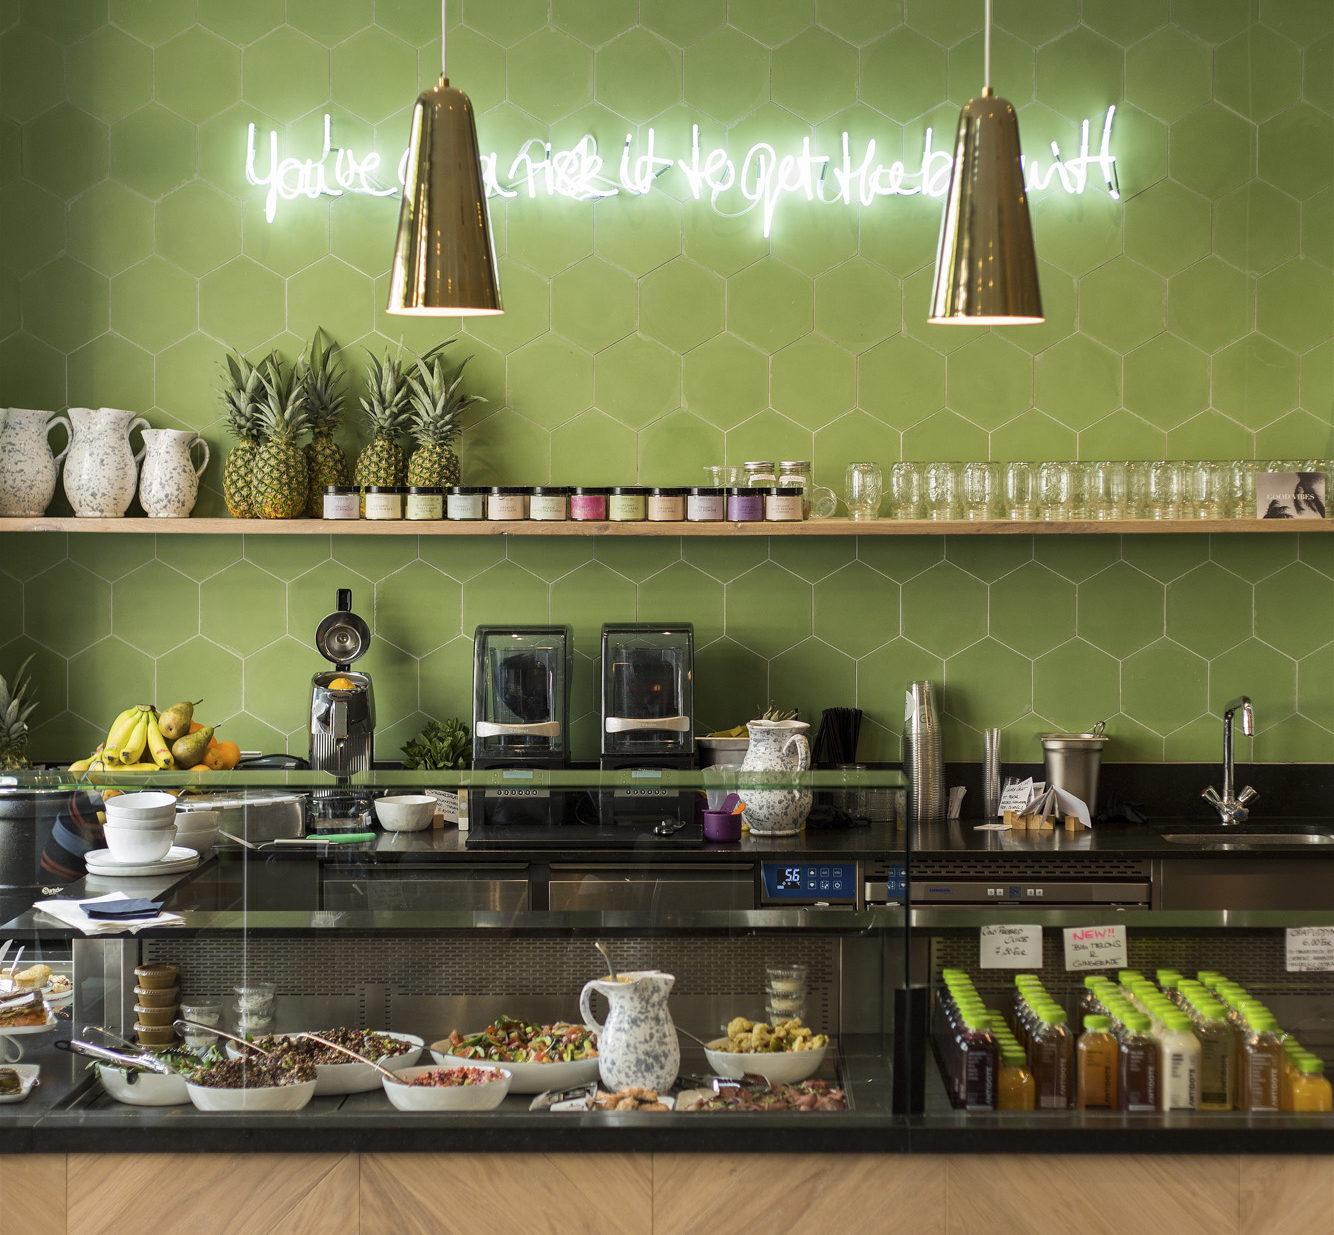 Vegetarische Cafes Delis Restaurants In Dusseldorf